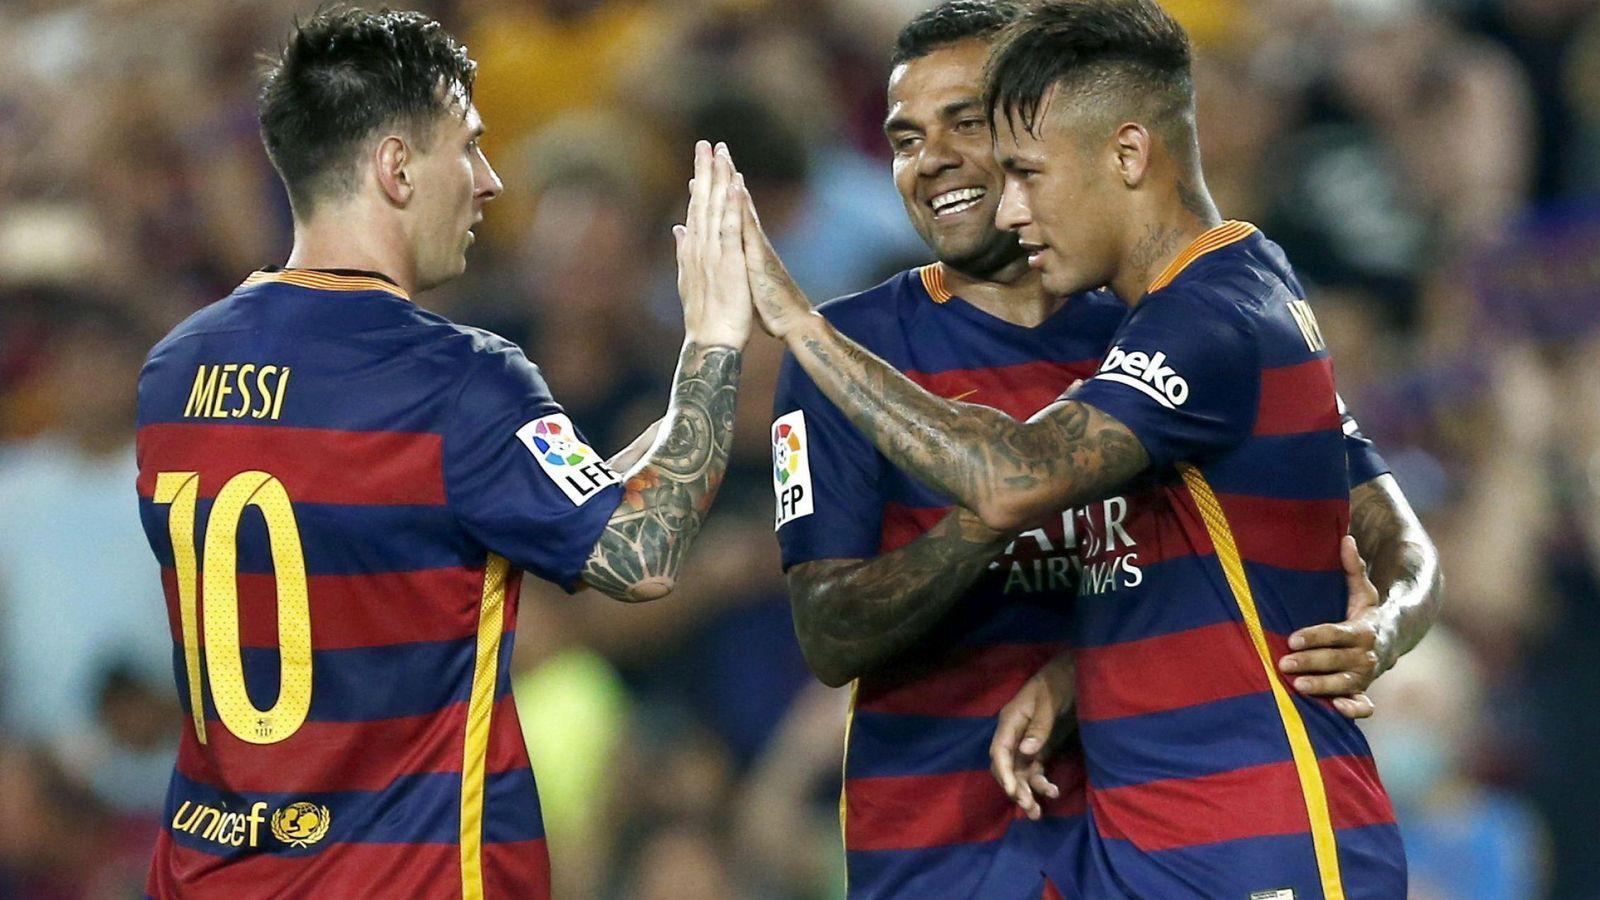 Foto: Leo Messi, Dani Alves y Neymar celebrando el primero gol (Efe)